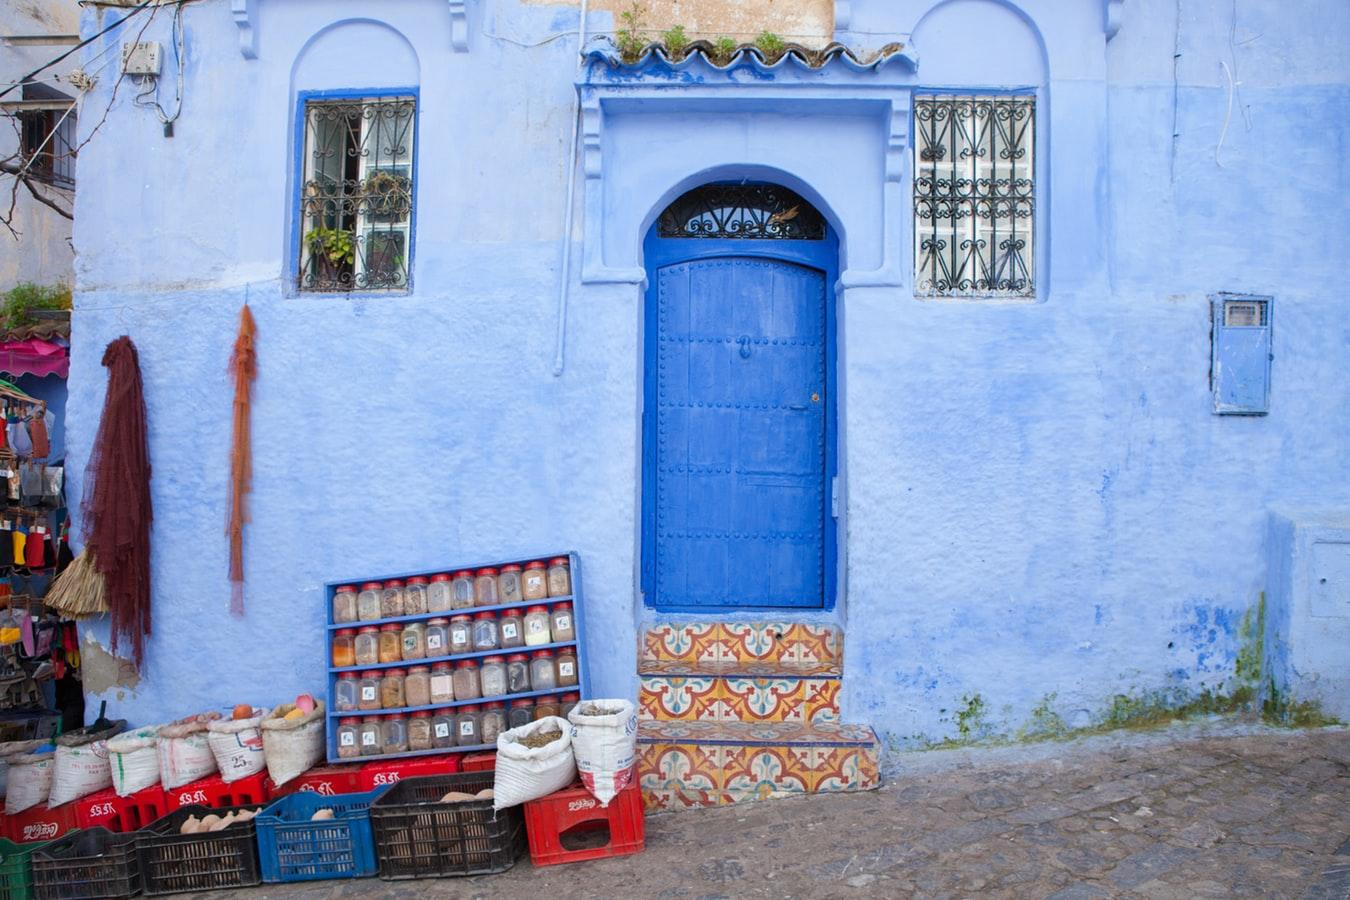 Chefchaouen, la città azzurra, meta da visitare durante un viaggio esplorativo del Marocco